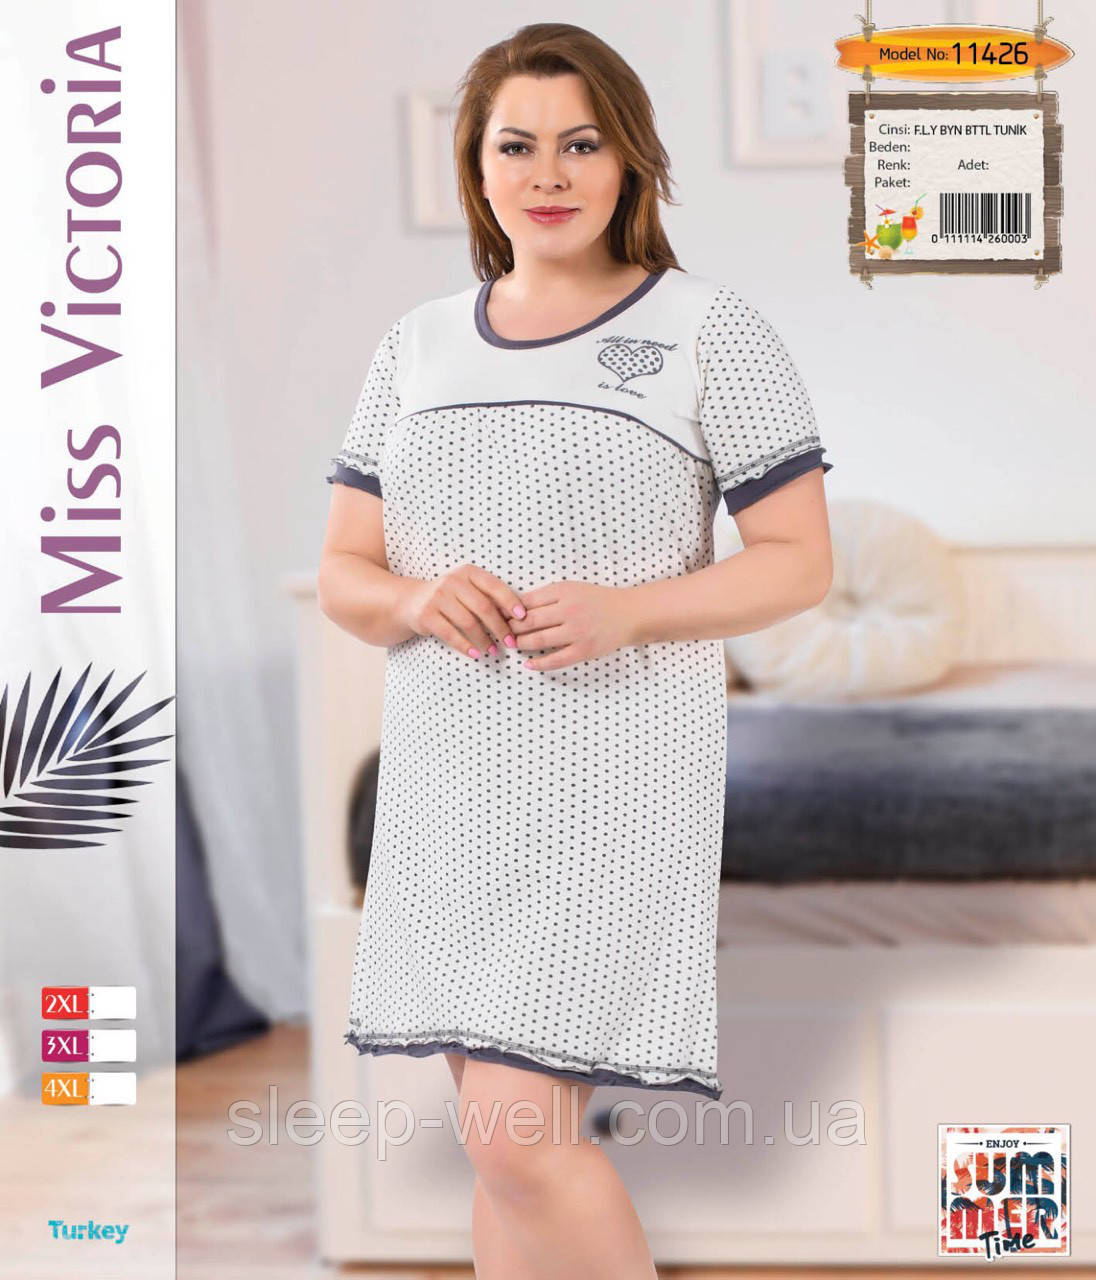 Ночная рубашка больших размеров, Miss Victoria